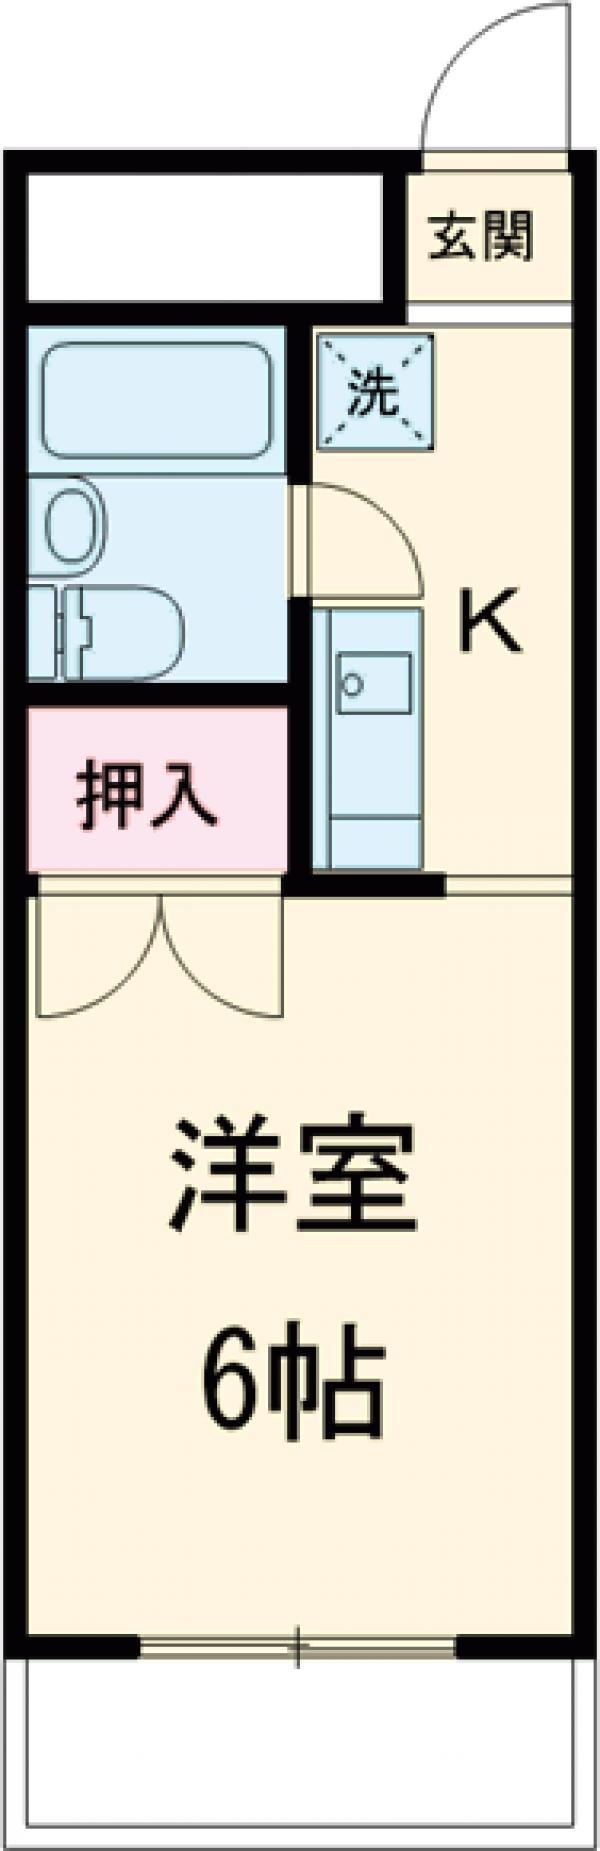 コスモ中浜 701号室の間取り